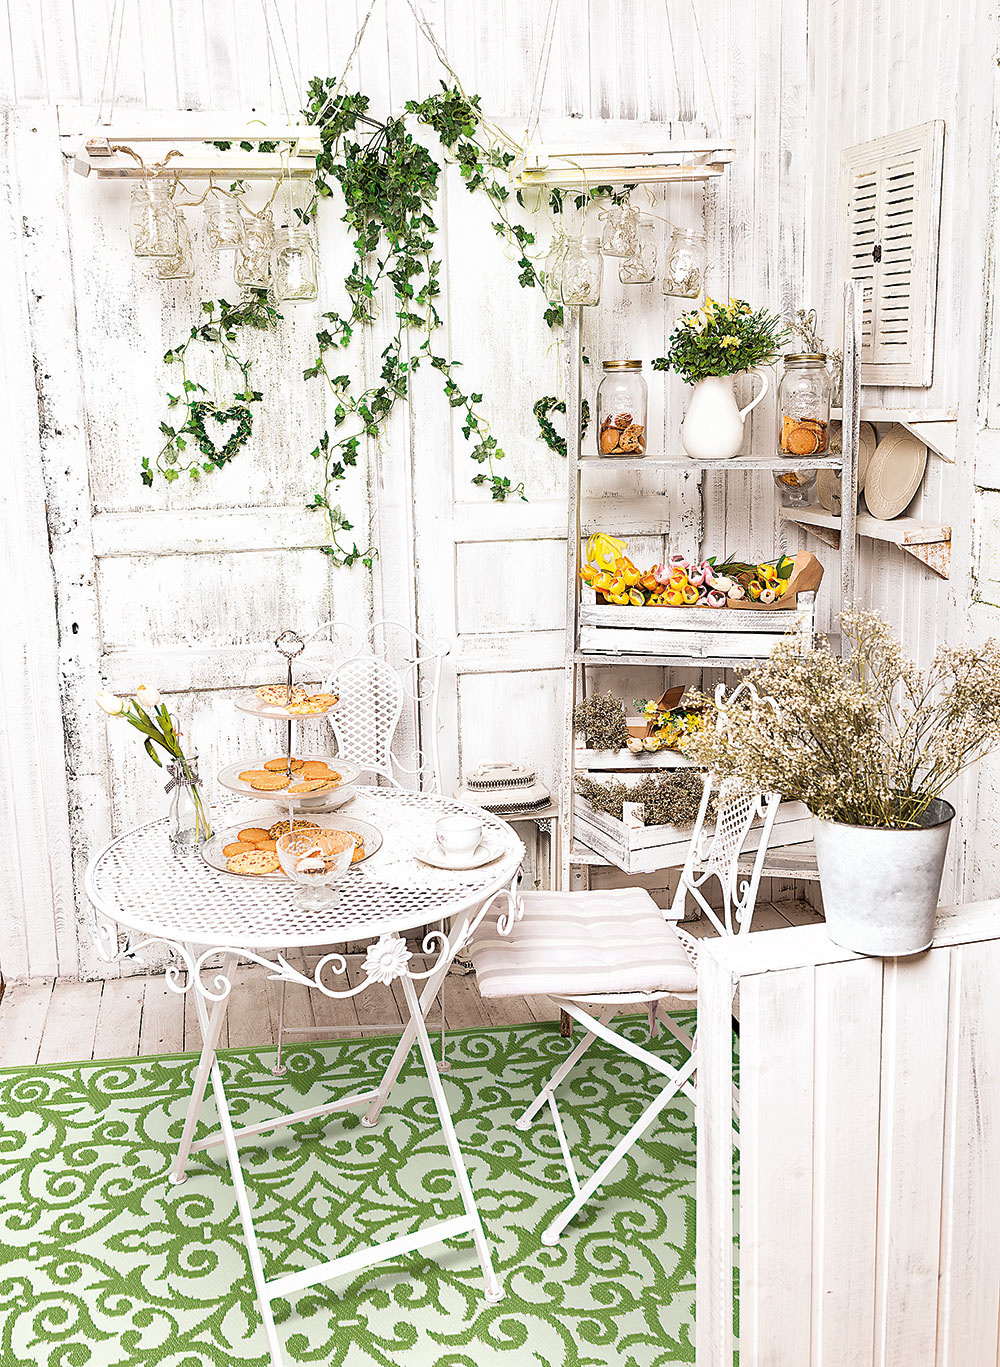 Koberec vonku? A prečo nie? Aj pri stolovaní na vzduchu si možno dopriať pohodlie. Priestor zútulní a pekne dotvorí váš stolovací kútik. Ekologický vonkajší koberec od značky Green Decore za 71,89 € predáva Bonami.